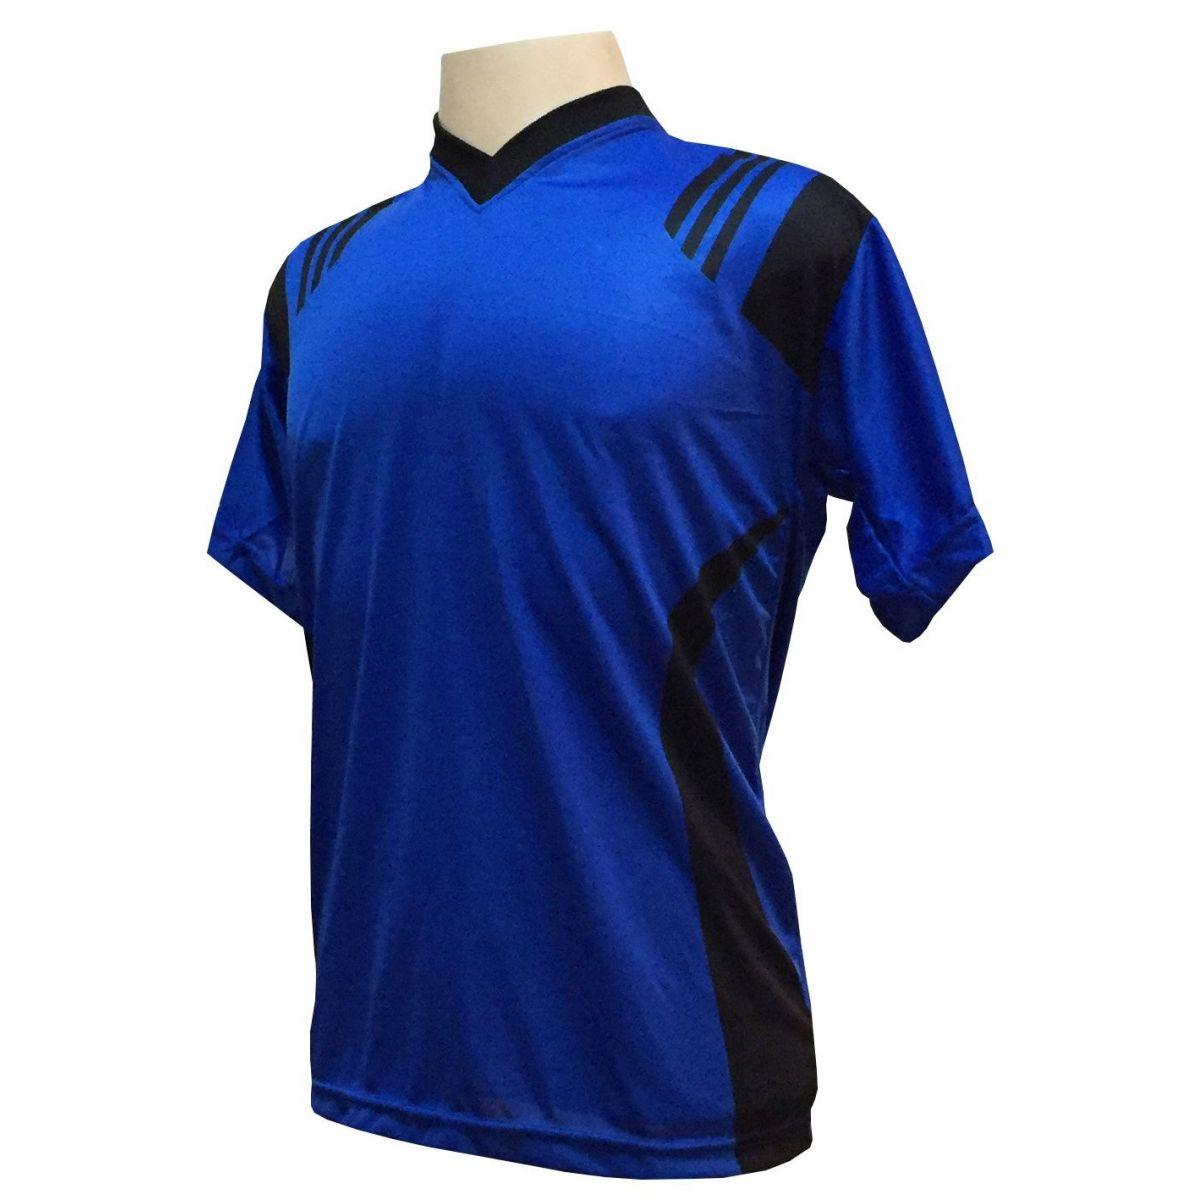 Fardamento Completo Modelo Roma 18+1 (18 Camisas Royal/Preto + 18 Calções Madrid Royal + 18 Pares de Meiões Royal + 1 Conjunto de Goleiro) + Brindes